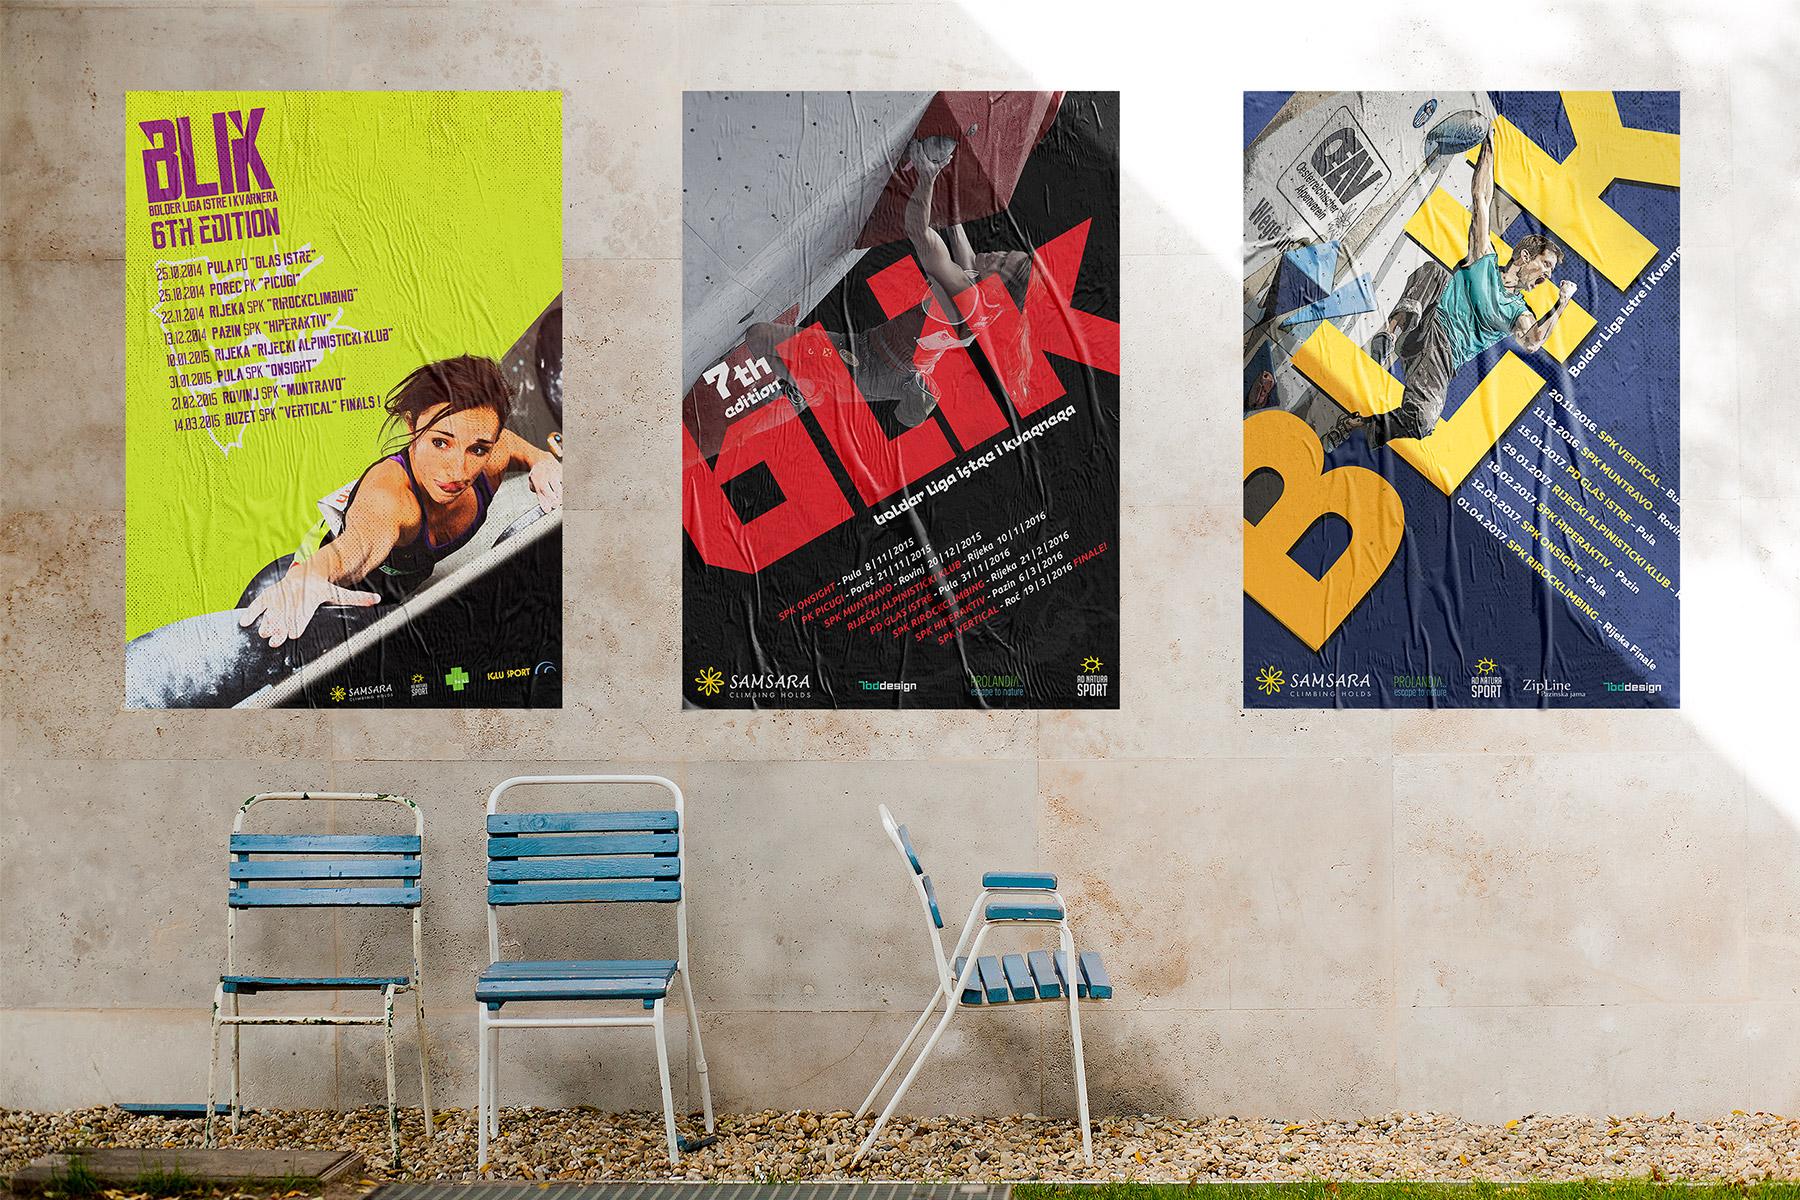 Blik poster artwork C. Todorovic